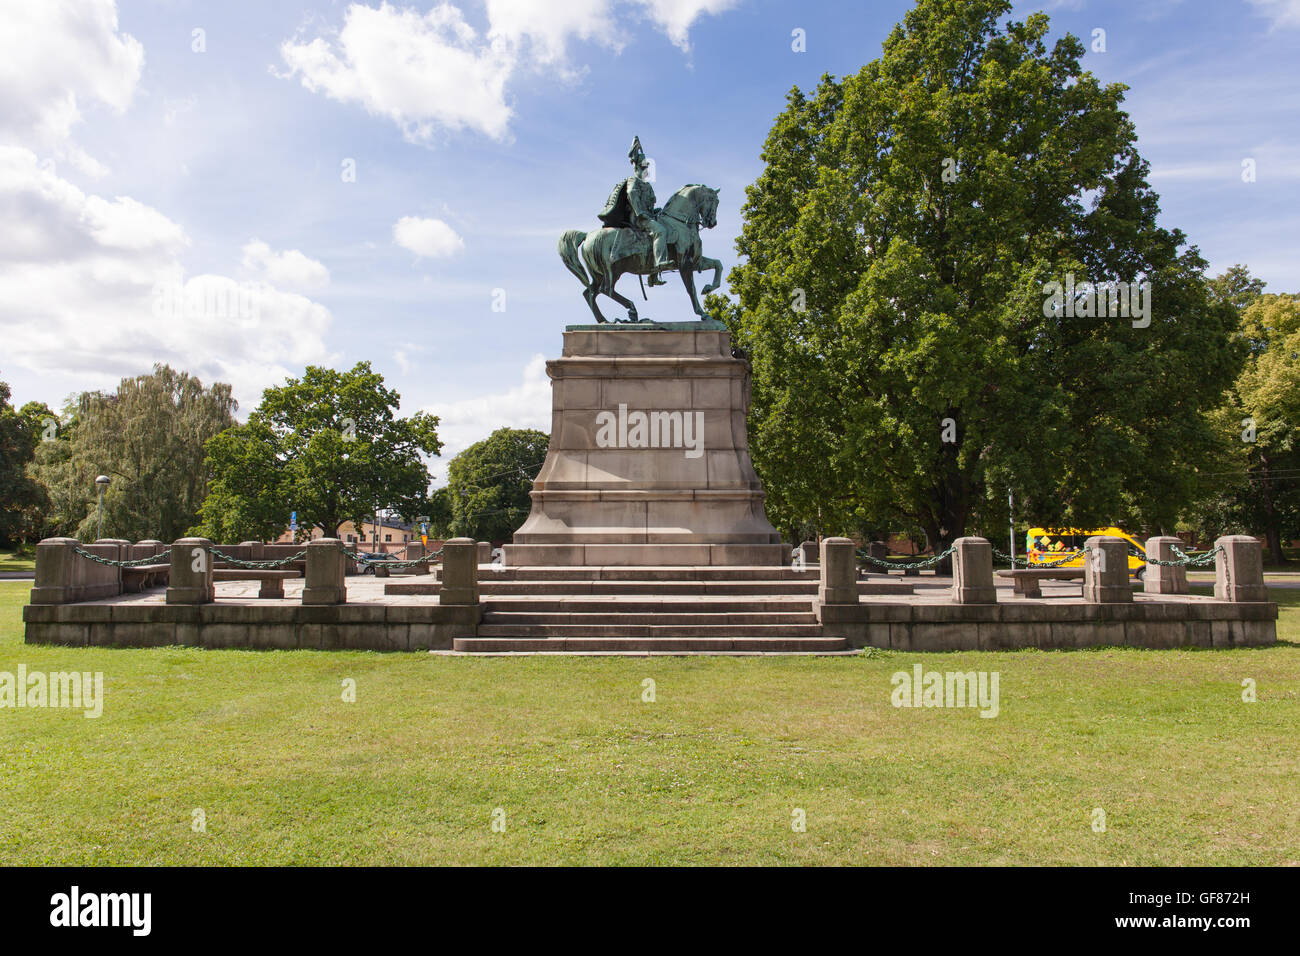 Stockholm, Sweden - Jul 27, 2016 : View of Statue of Karl XV at Djurgarden park, Stockholm, Sweden - Stock Image